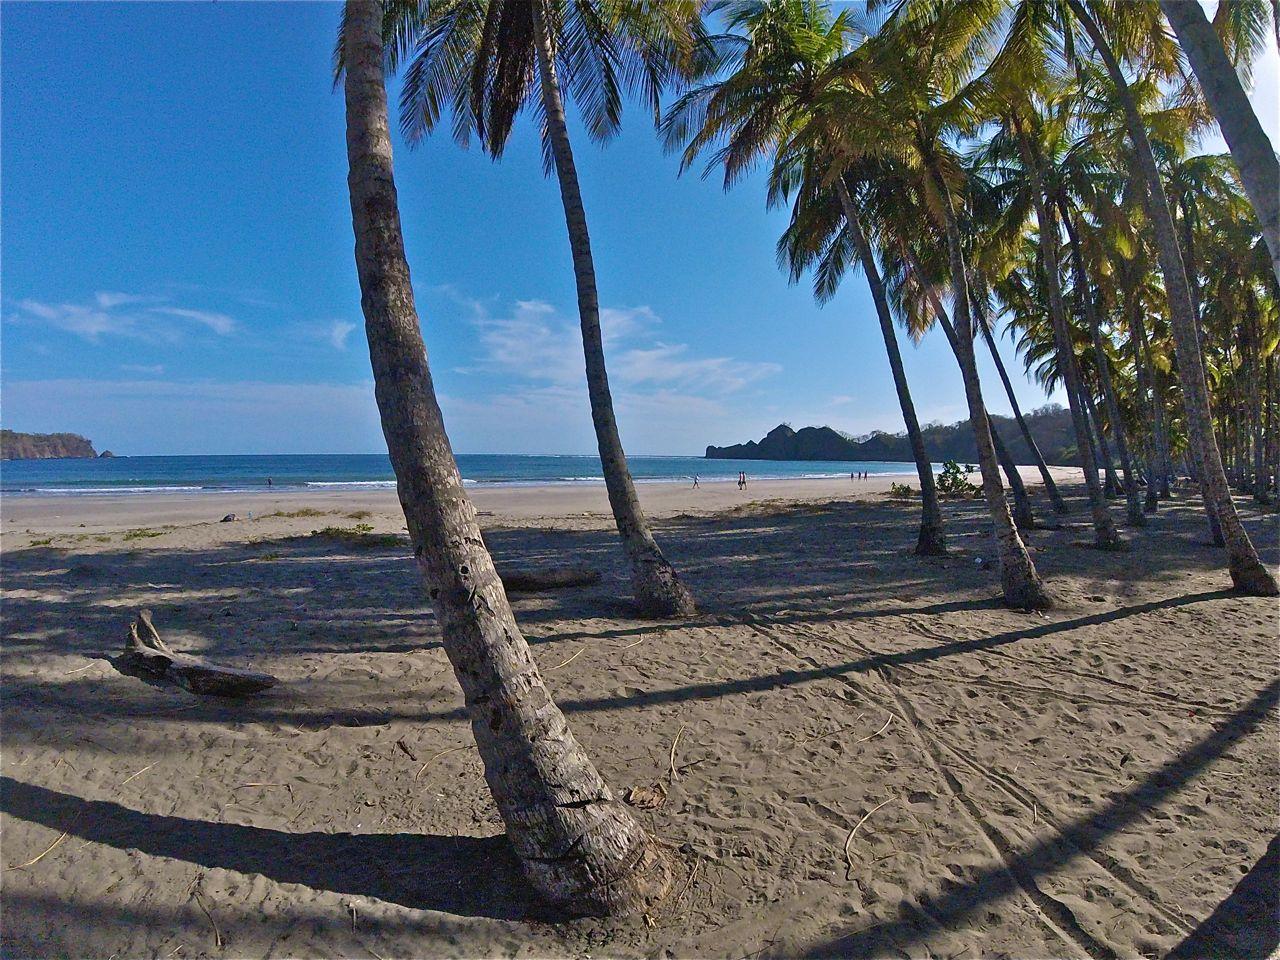 La playa Carillo sur la péninsule de Nicoya